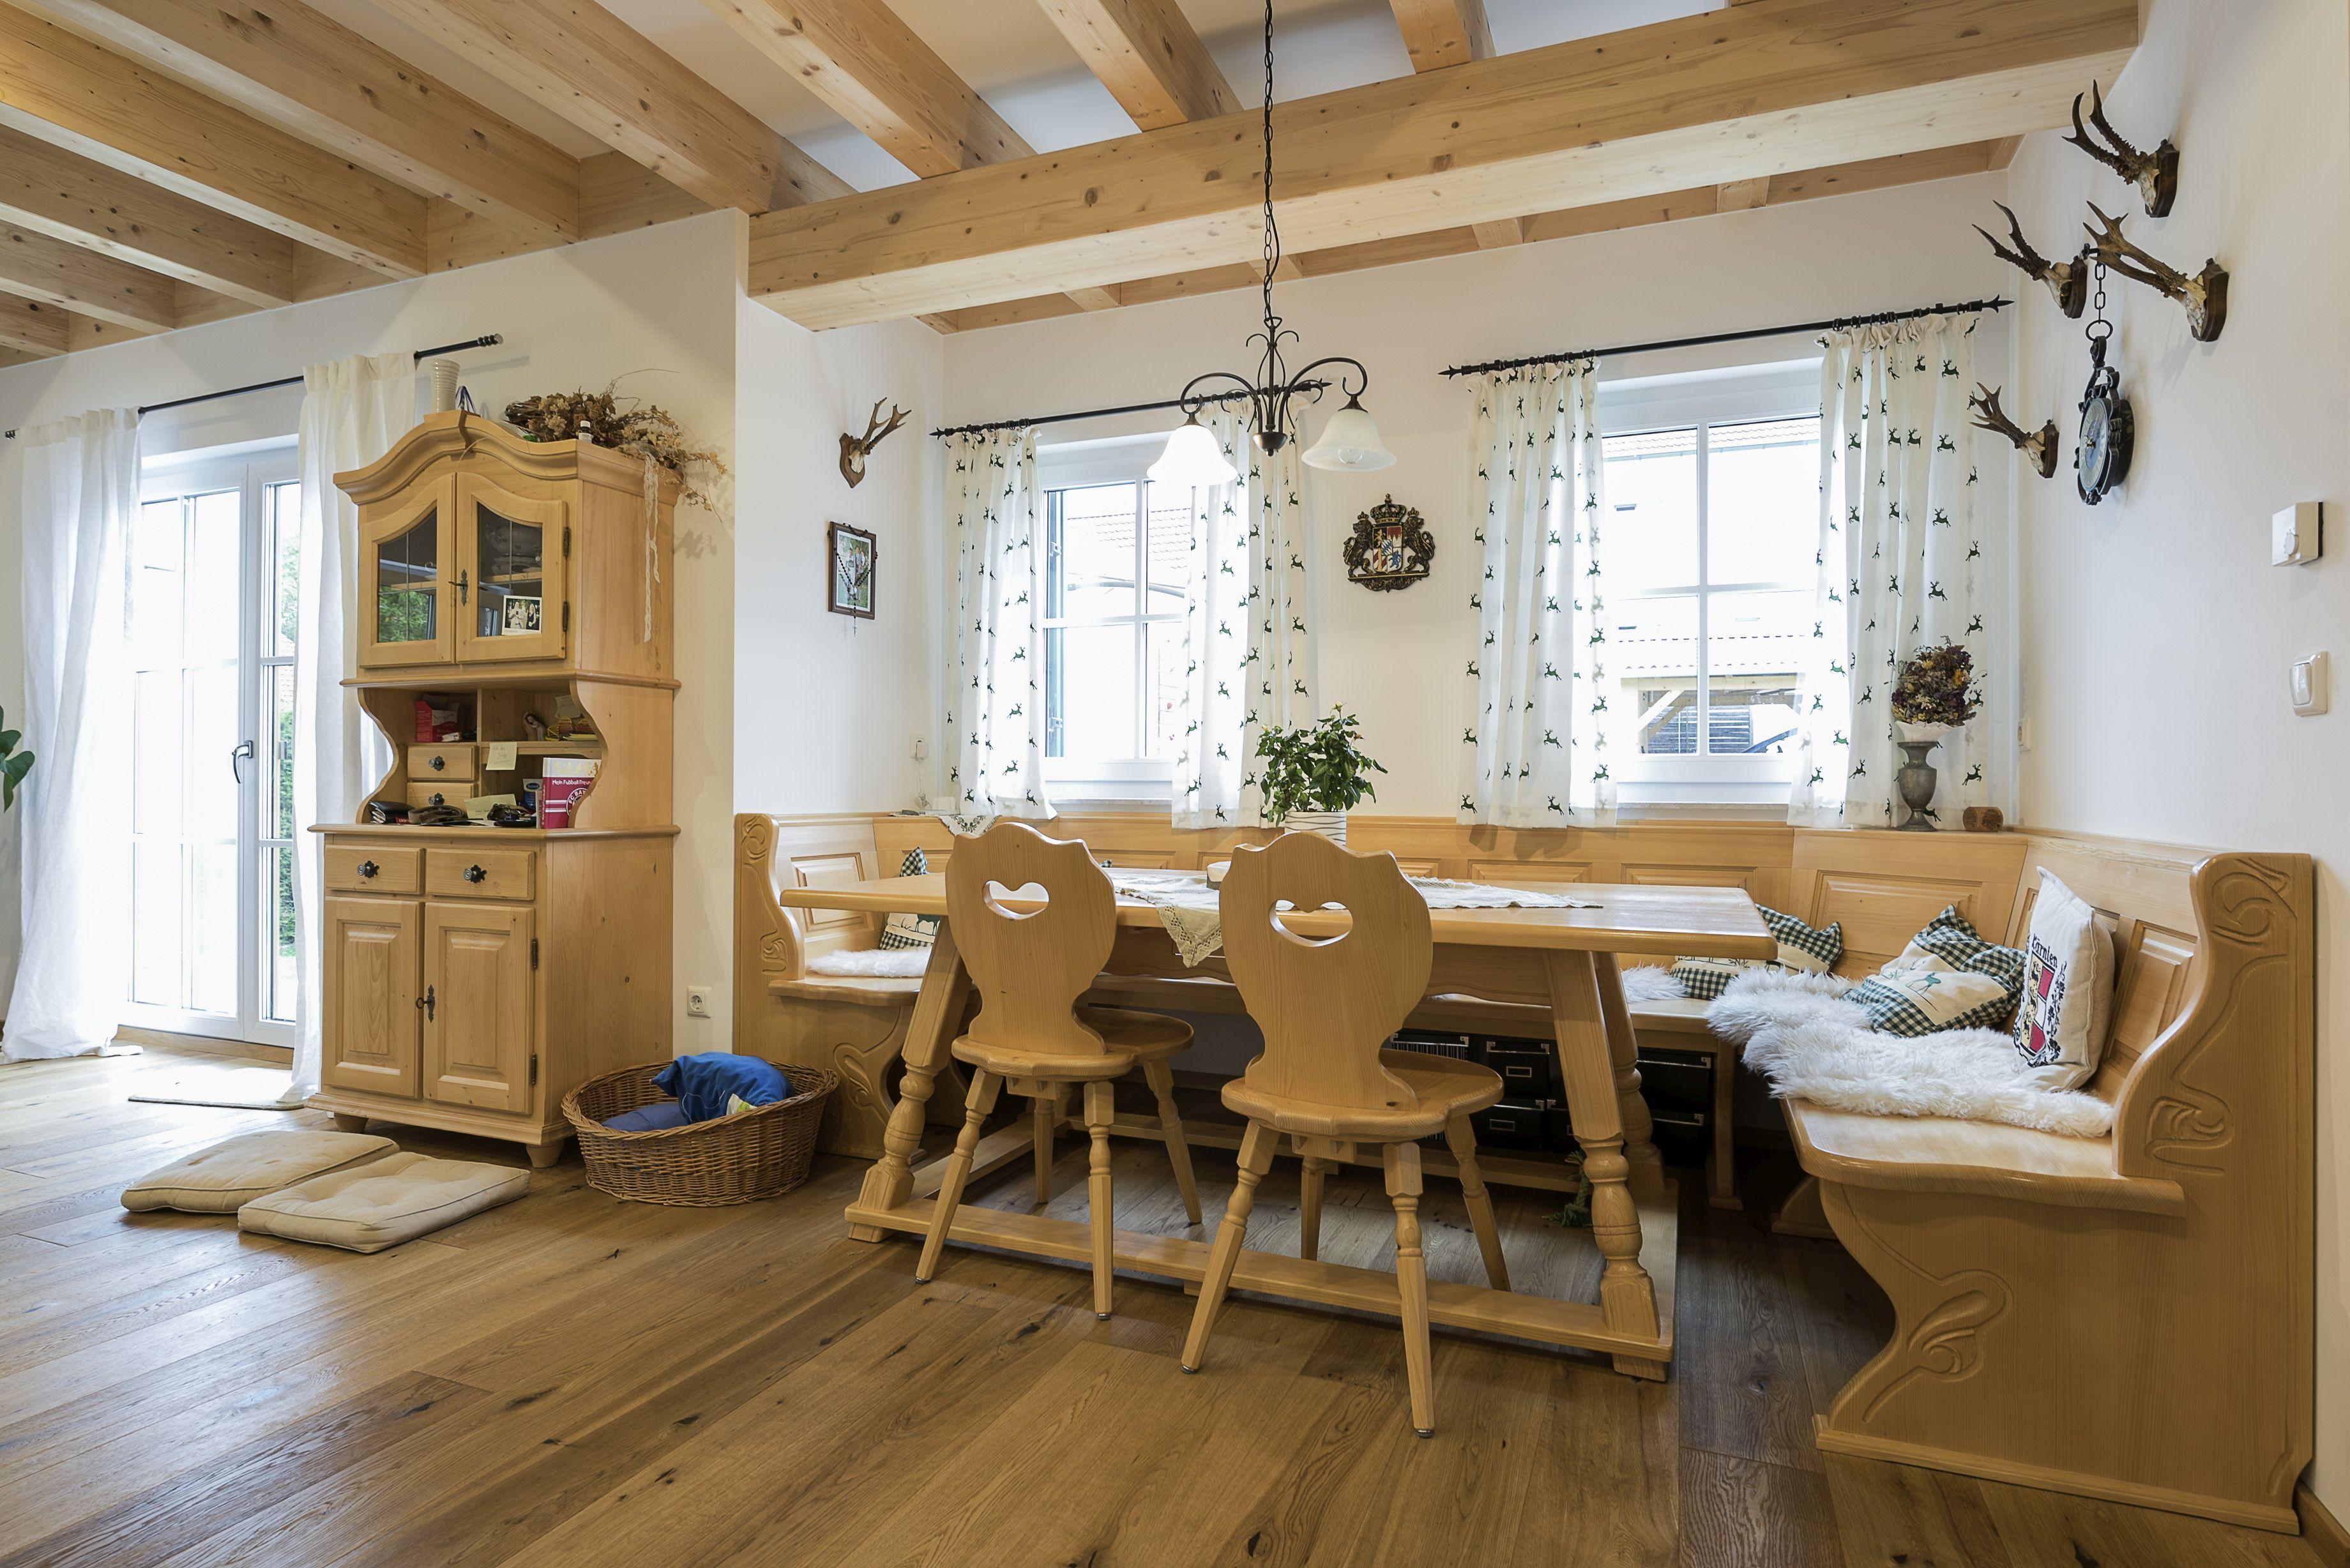 ländlich rustikal; Bauernstube mit Eckbank Landhaus